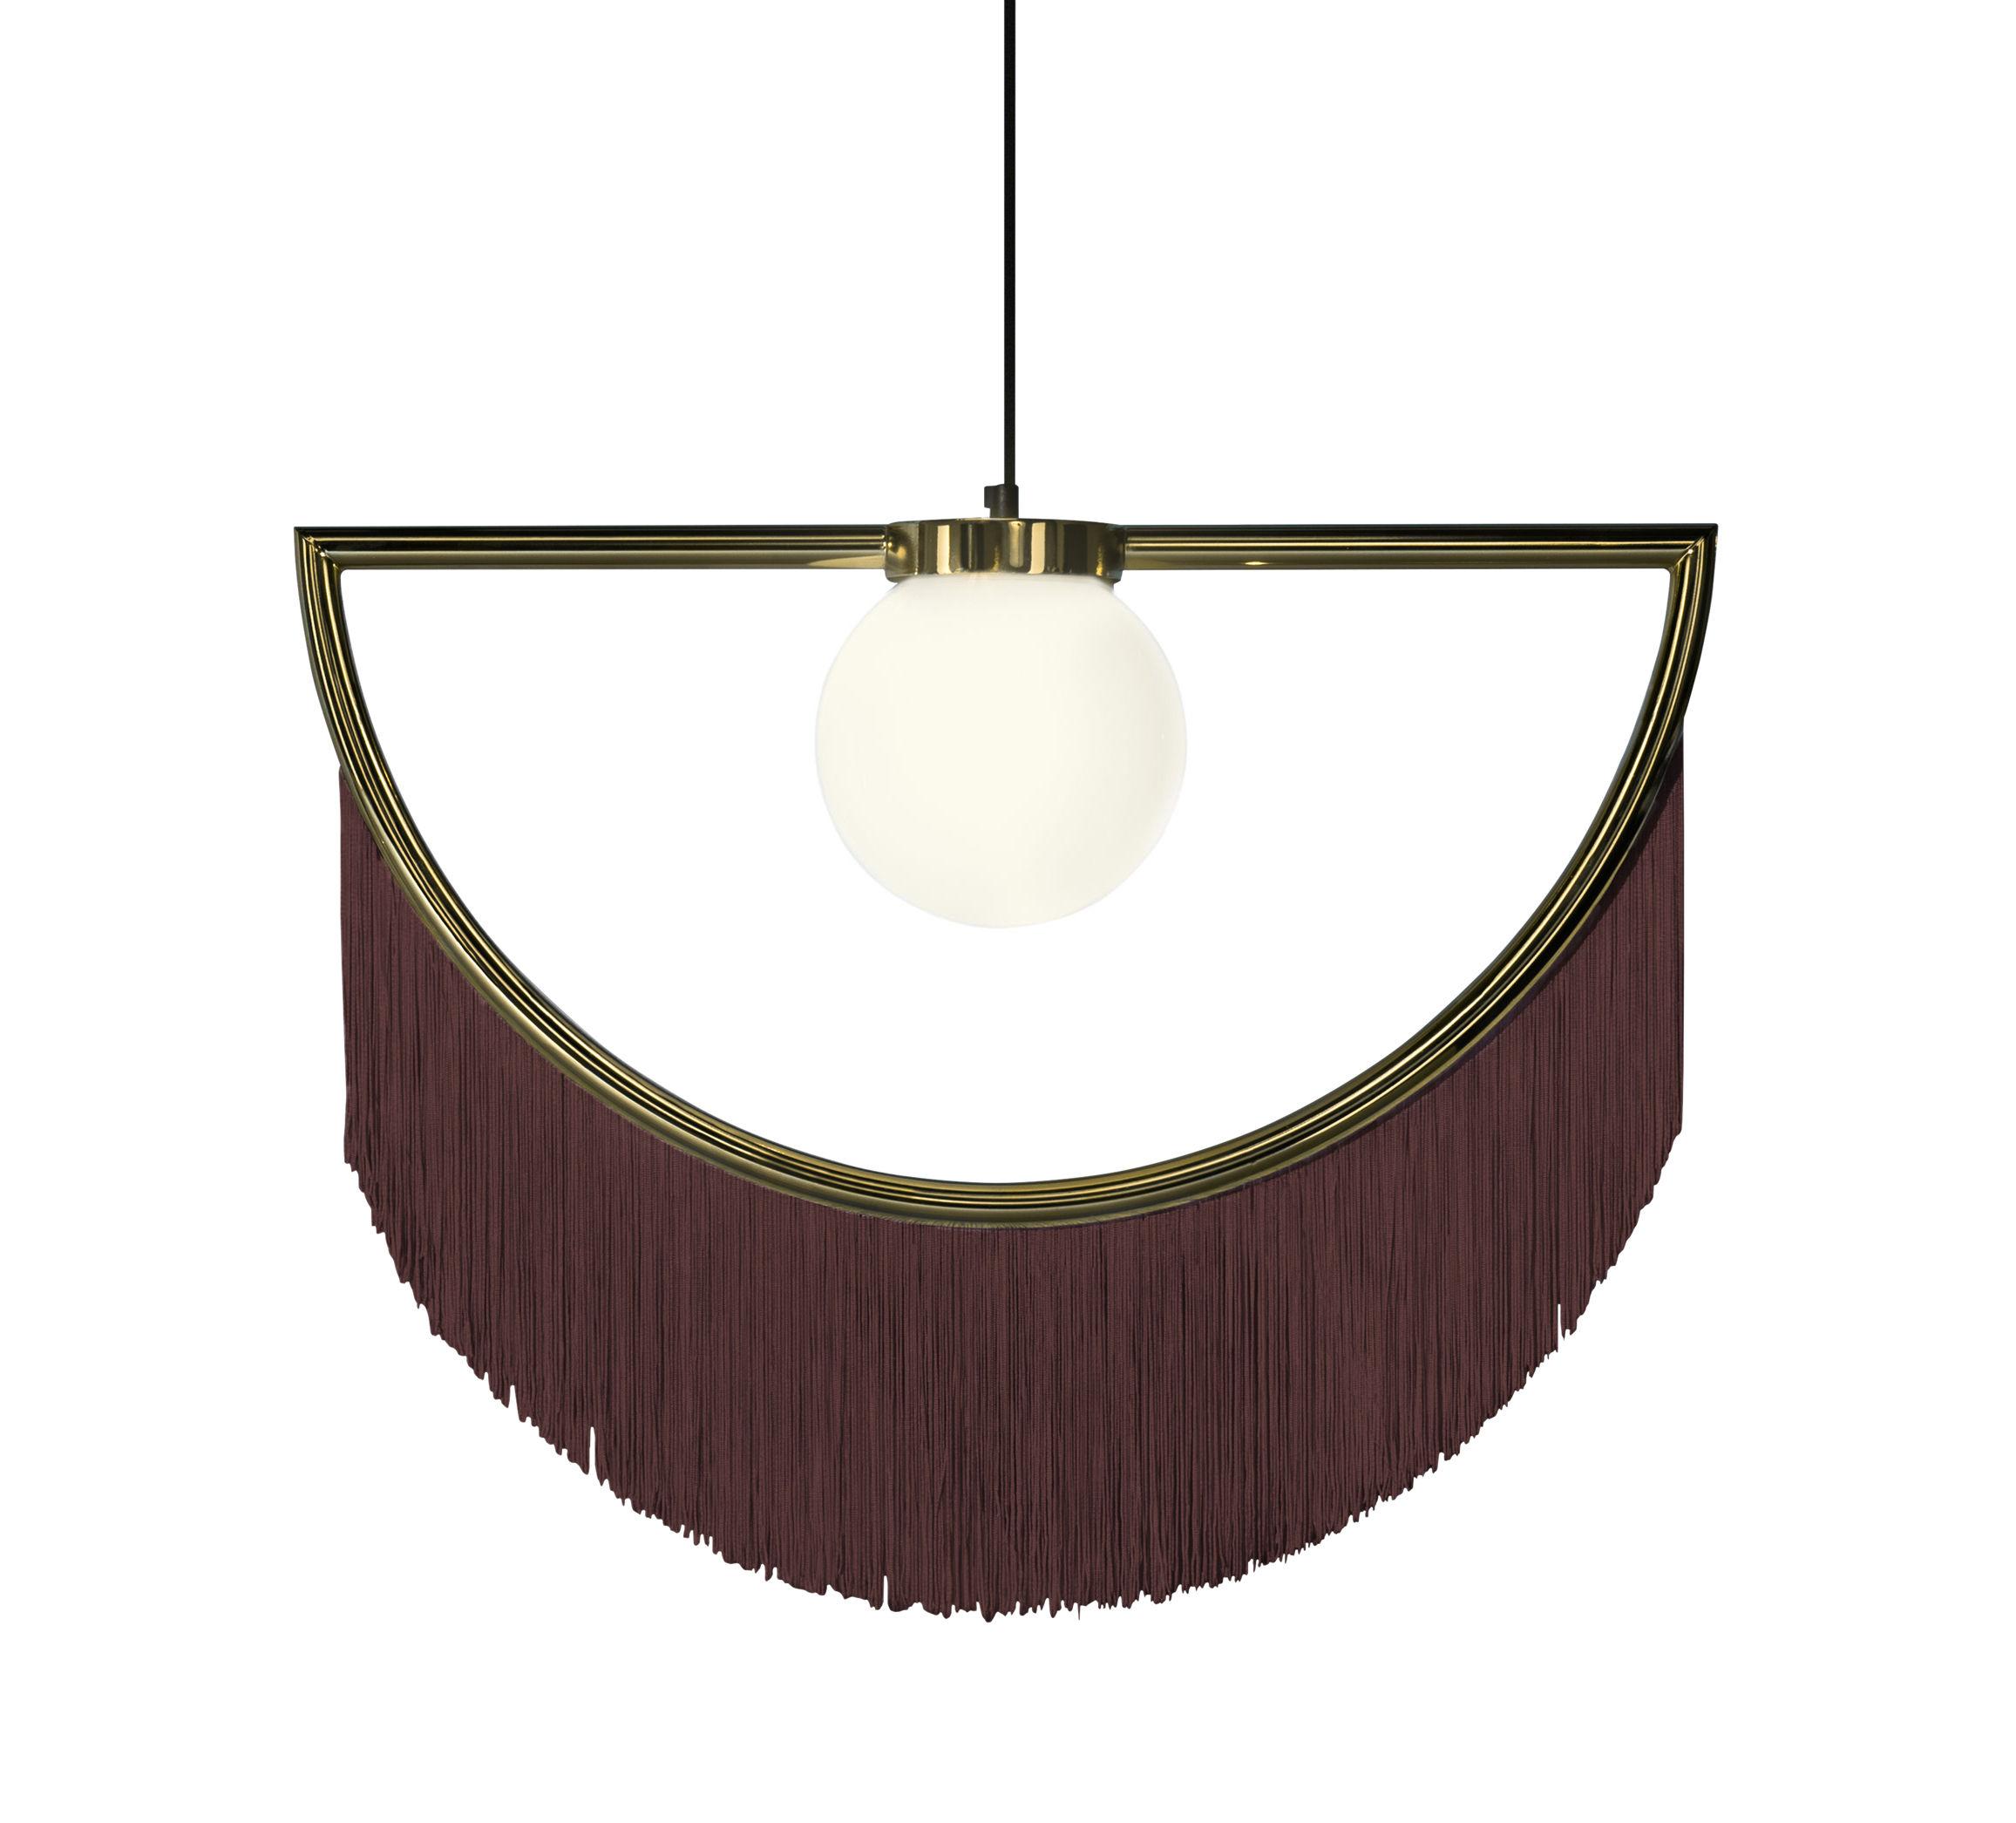 Luminaire - Suspensions - Suspension Wink / Franges - L 60 x H 48 cm - Houtique - Marron / Or - Acier, Acrylique, Verre opalin